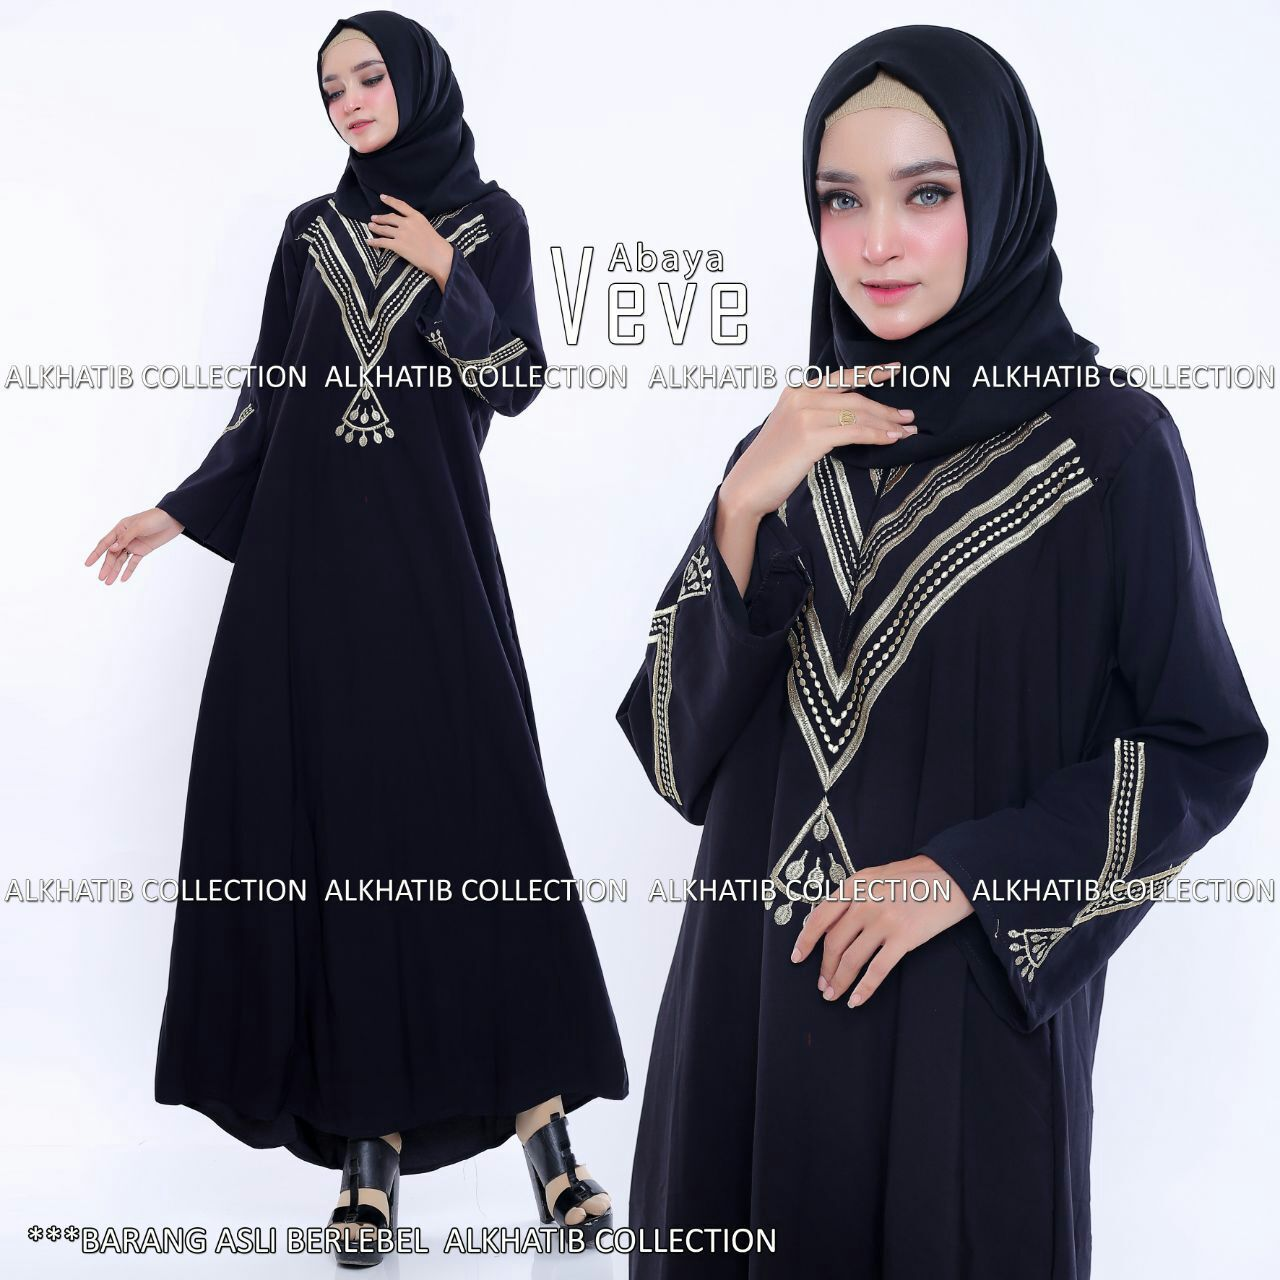 Baju Gamis Abaya Veve Ori Alkhatib, 12.12.12, Farisa Olshop